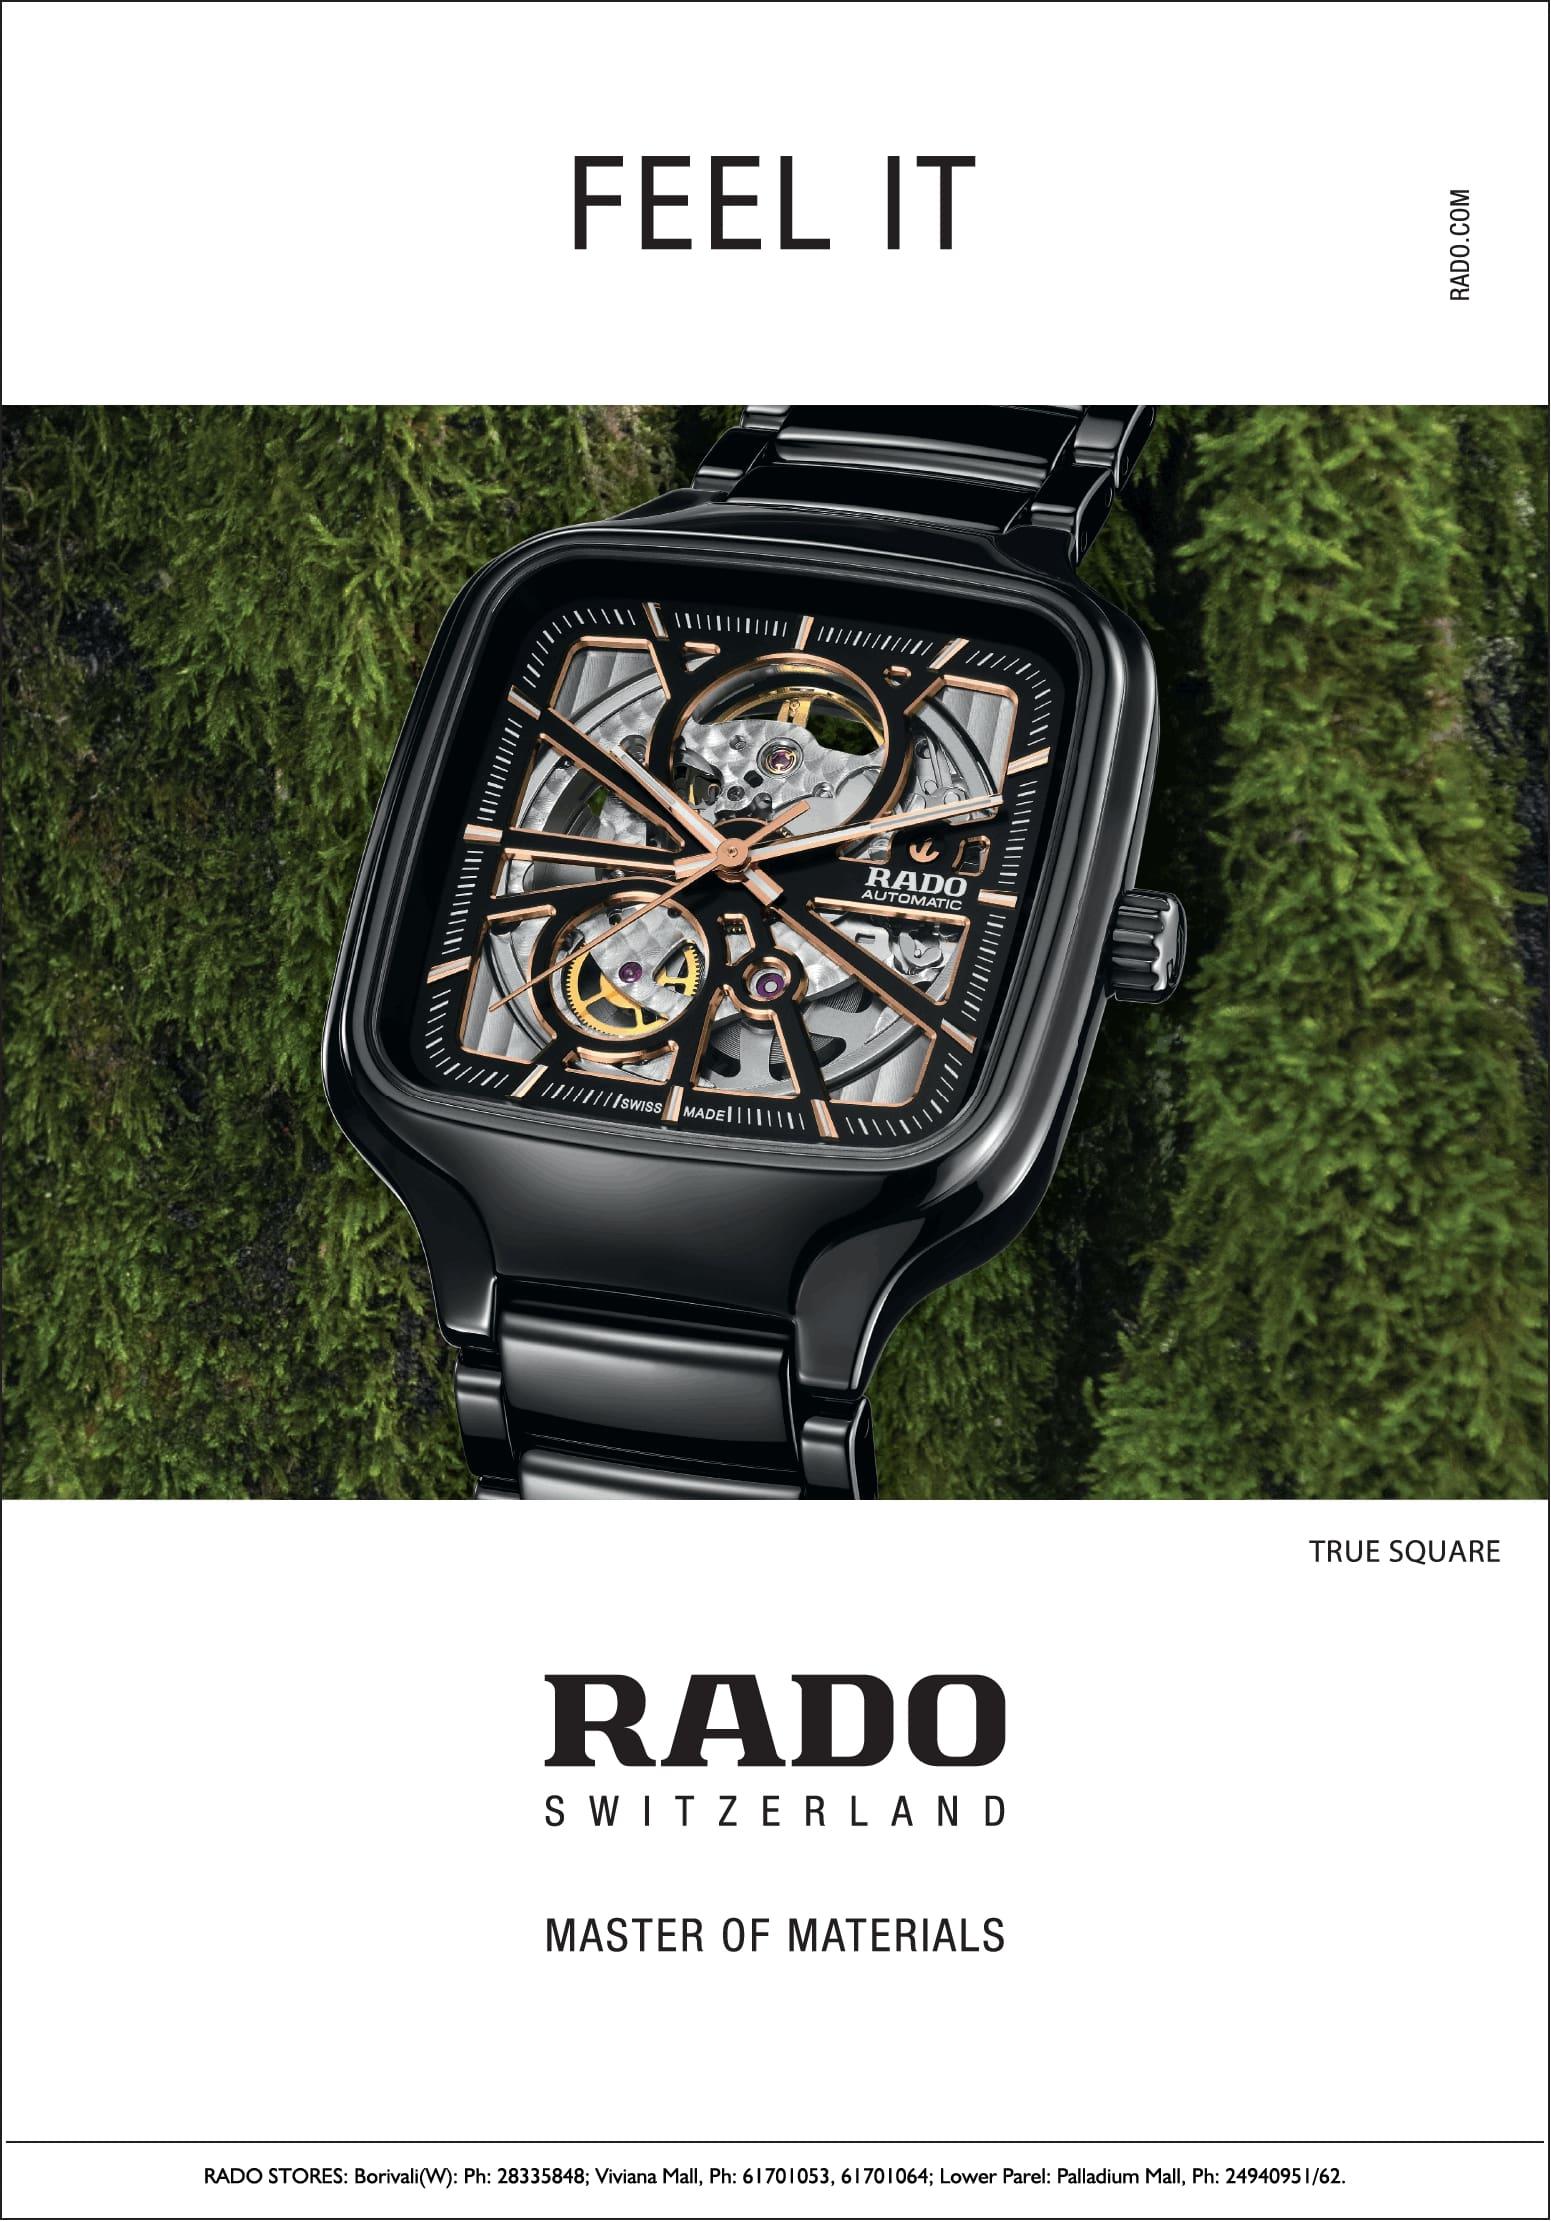 rado-switzerland-master-of-materials-true-square-ad-mumbai-times-10-02-2021